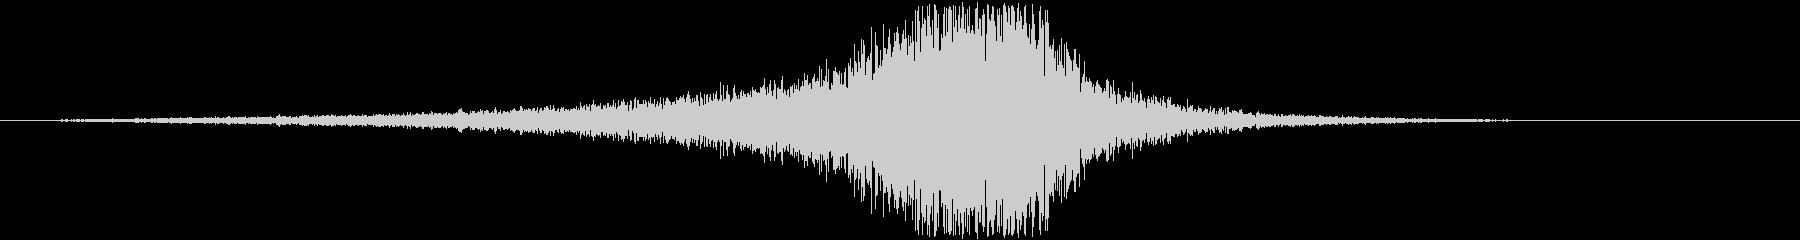 ジープワゴニア:10 Mph By。の未再生の波形